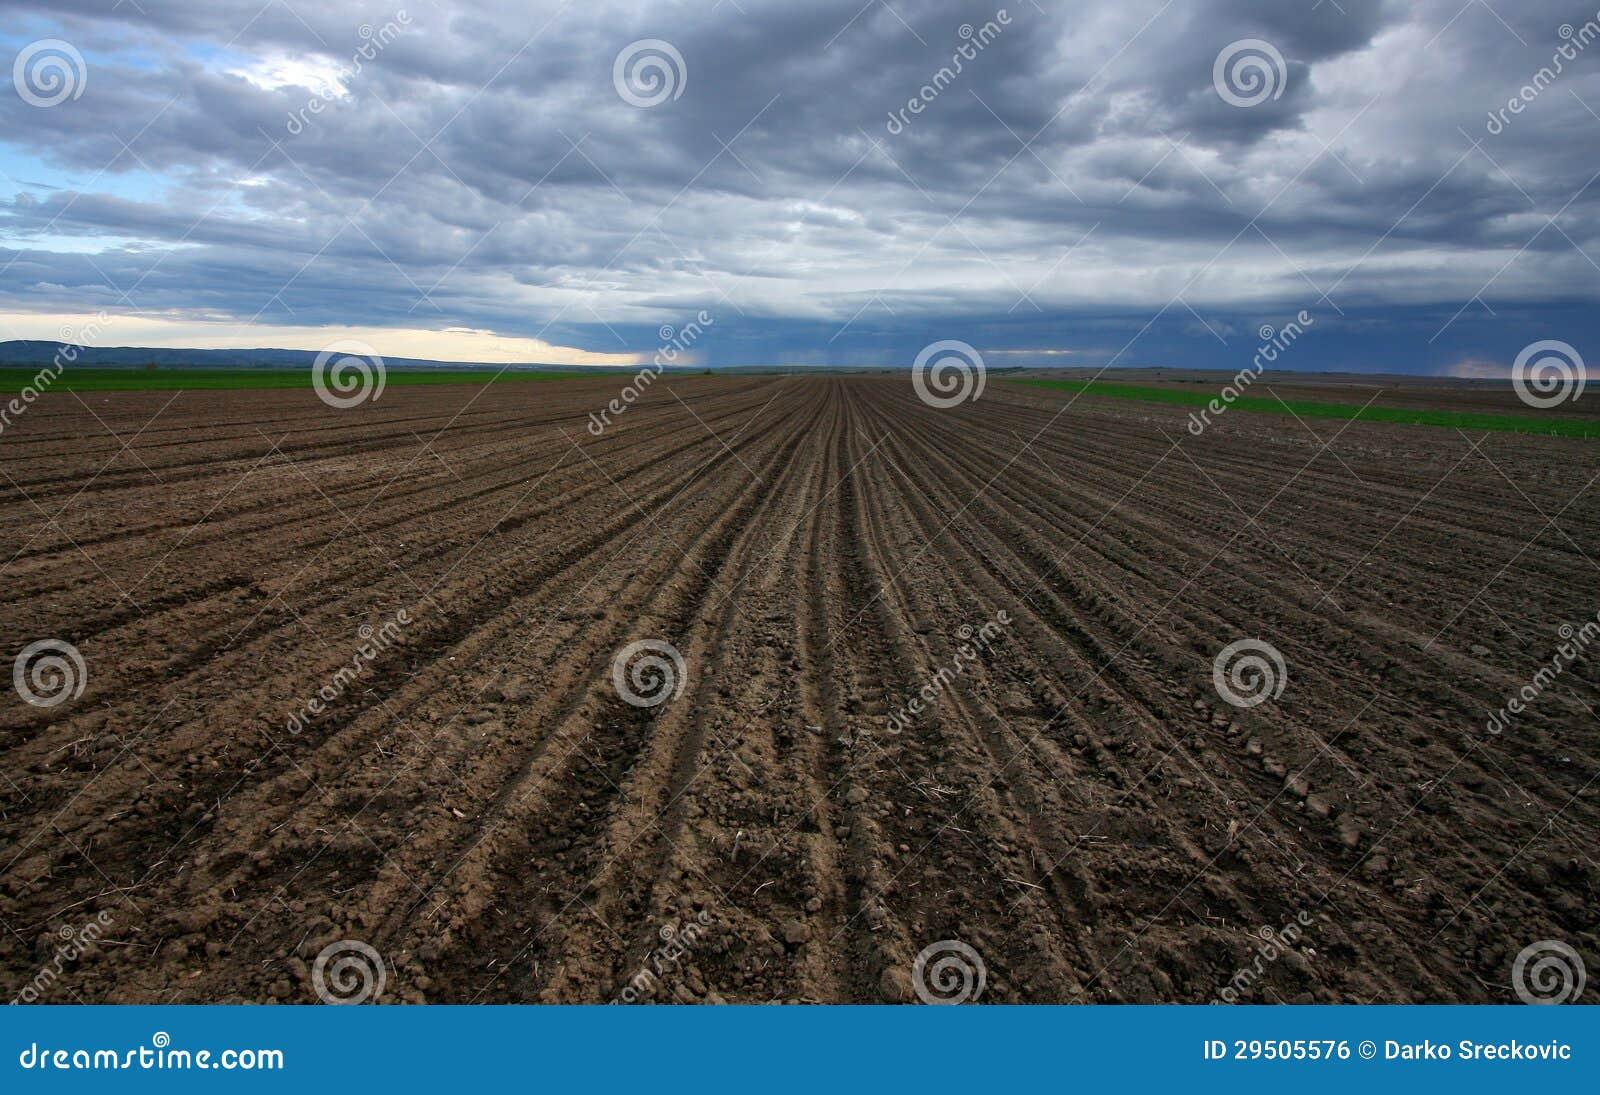 Geploegde grond